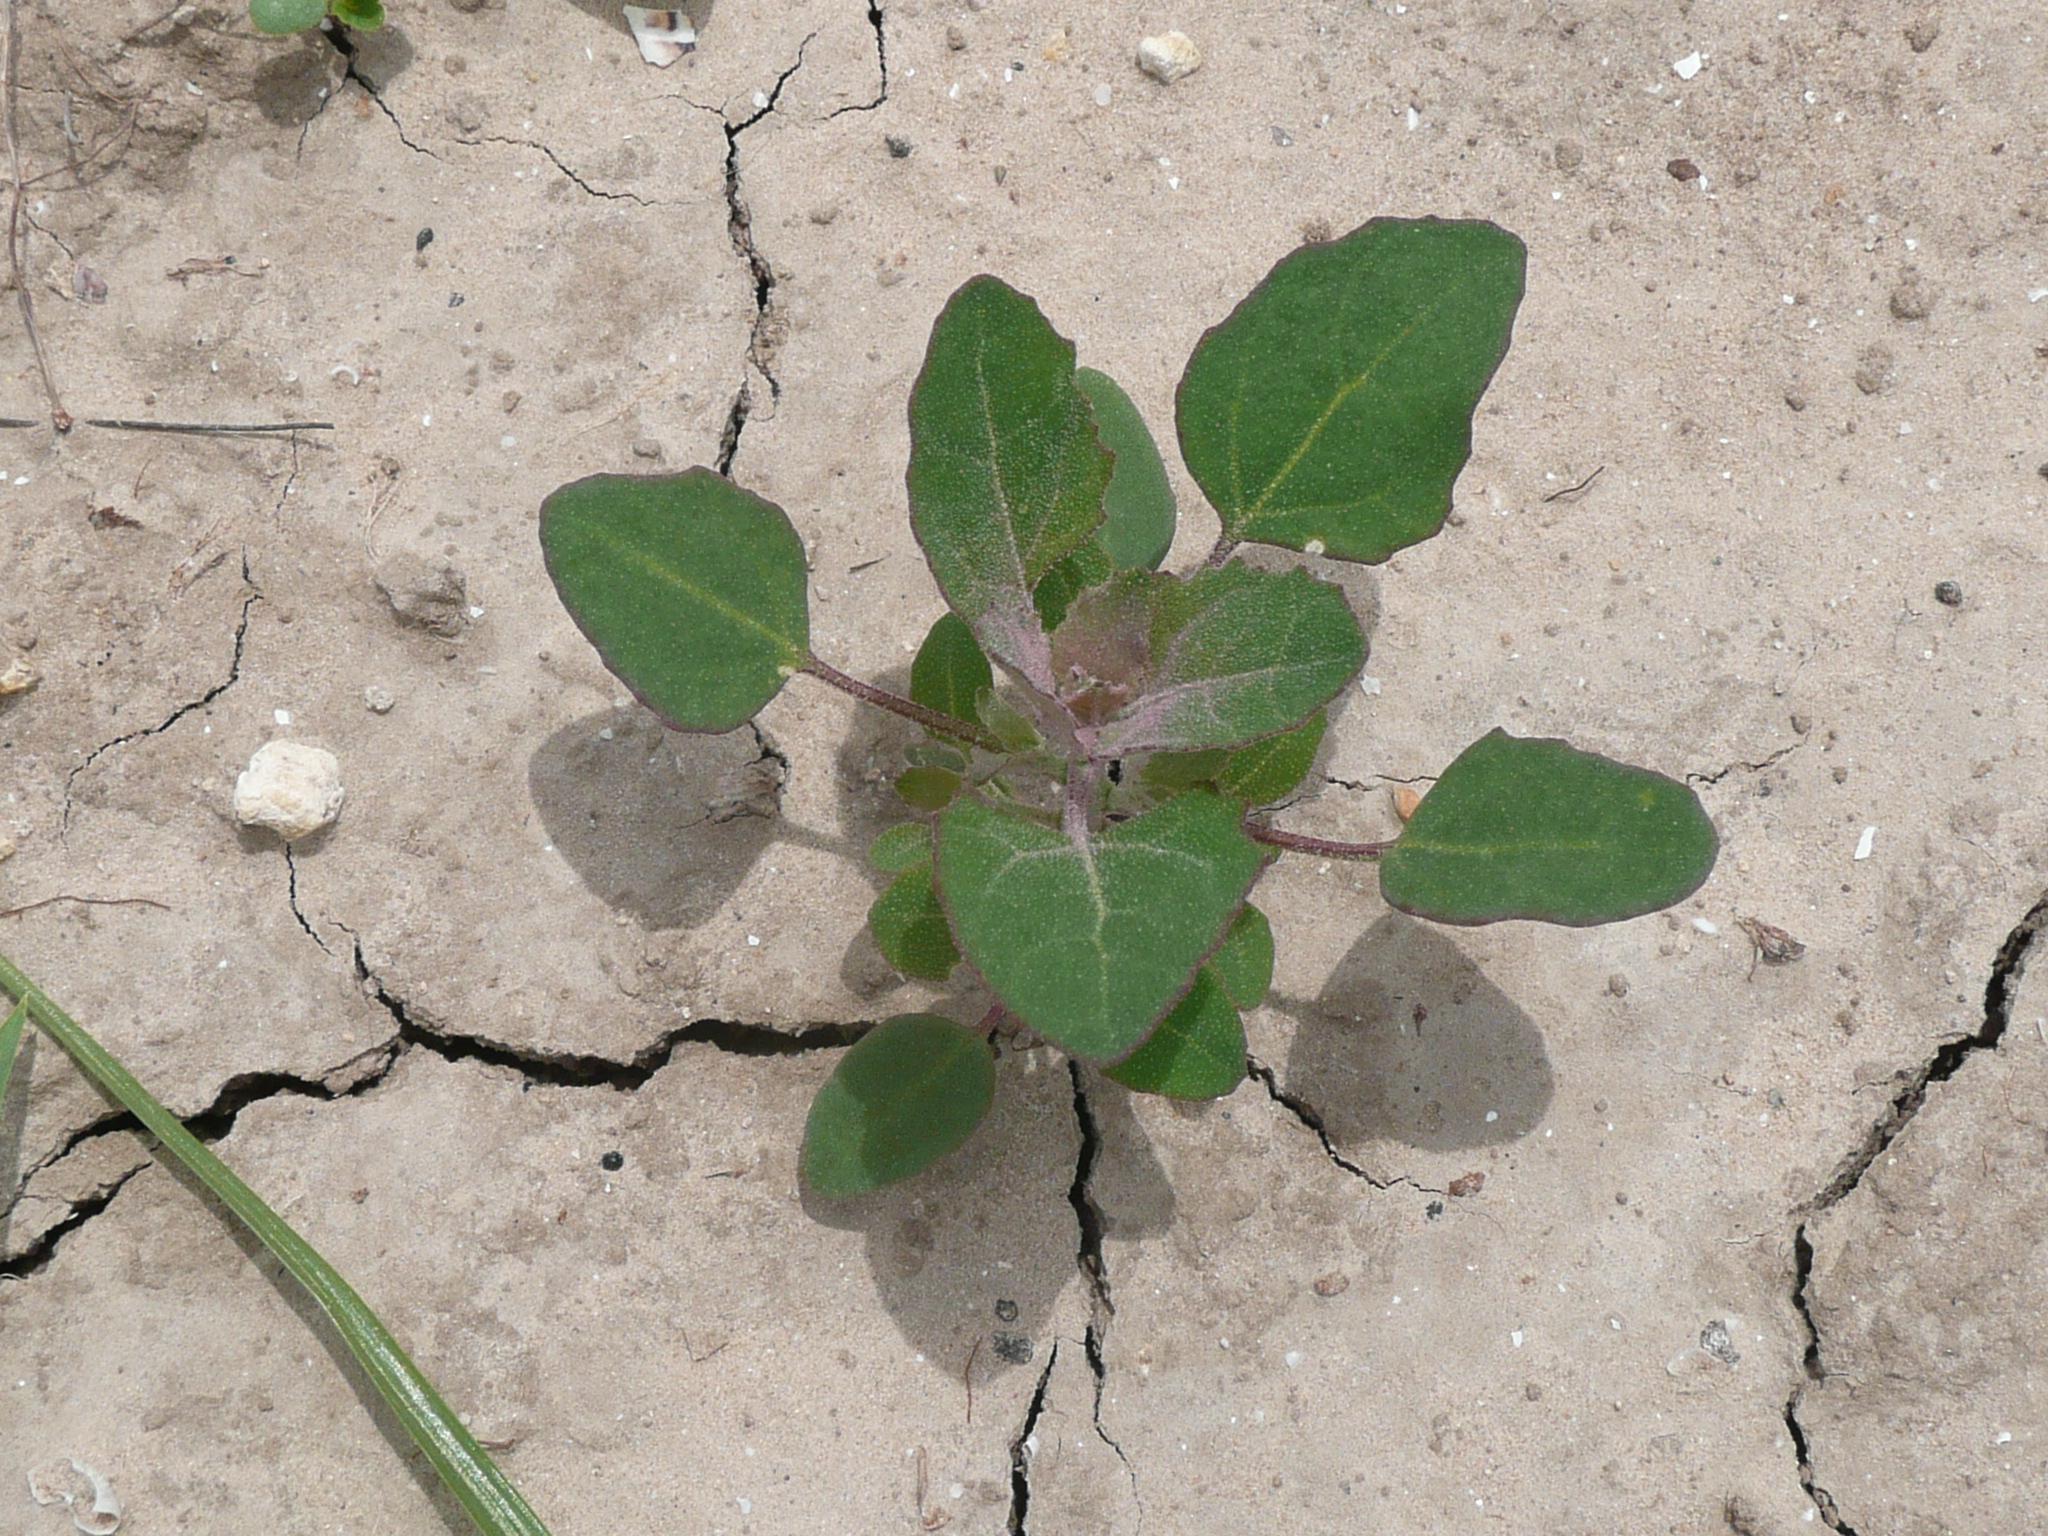 Chenopodium Albus